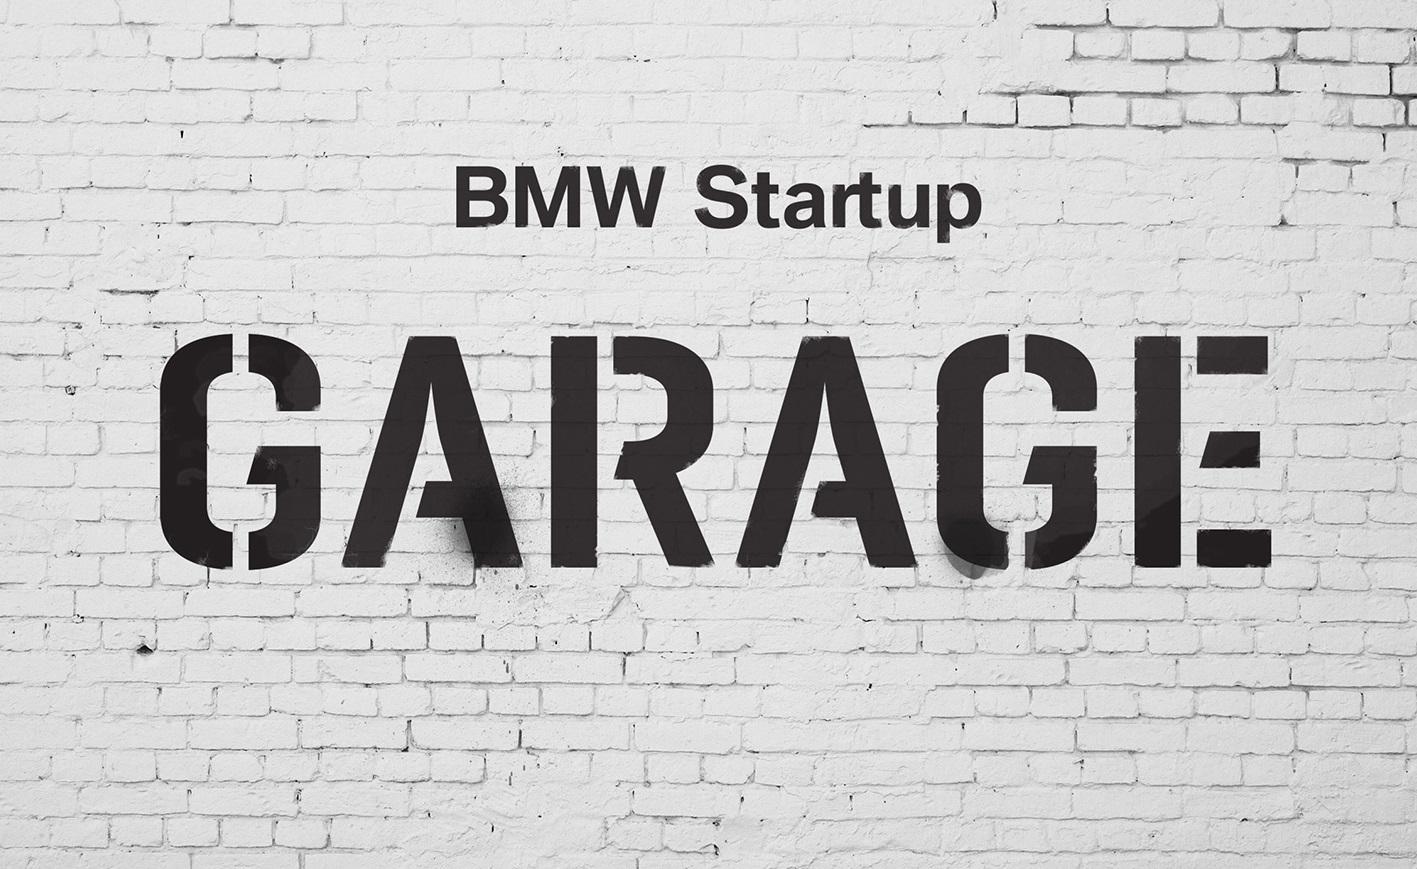 bmw launches start-up garage